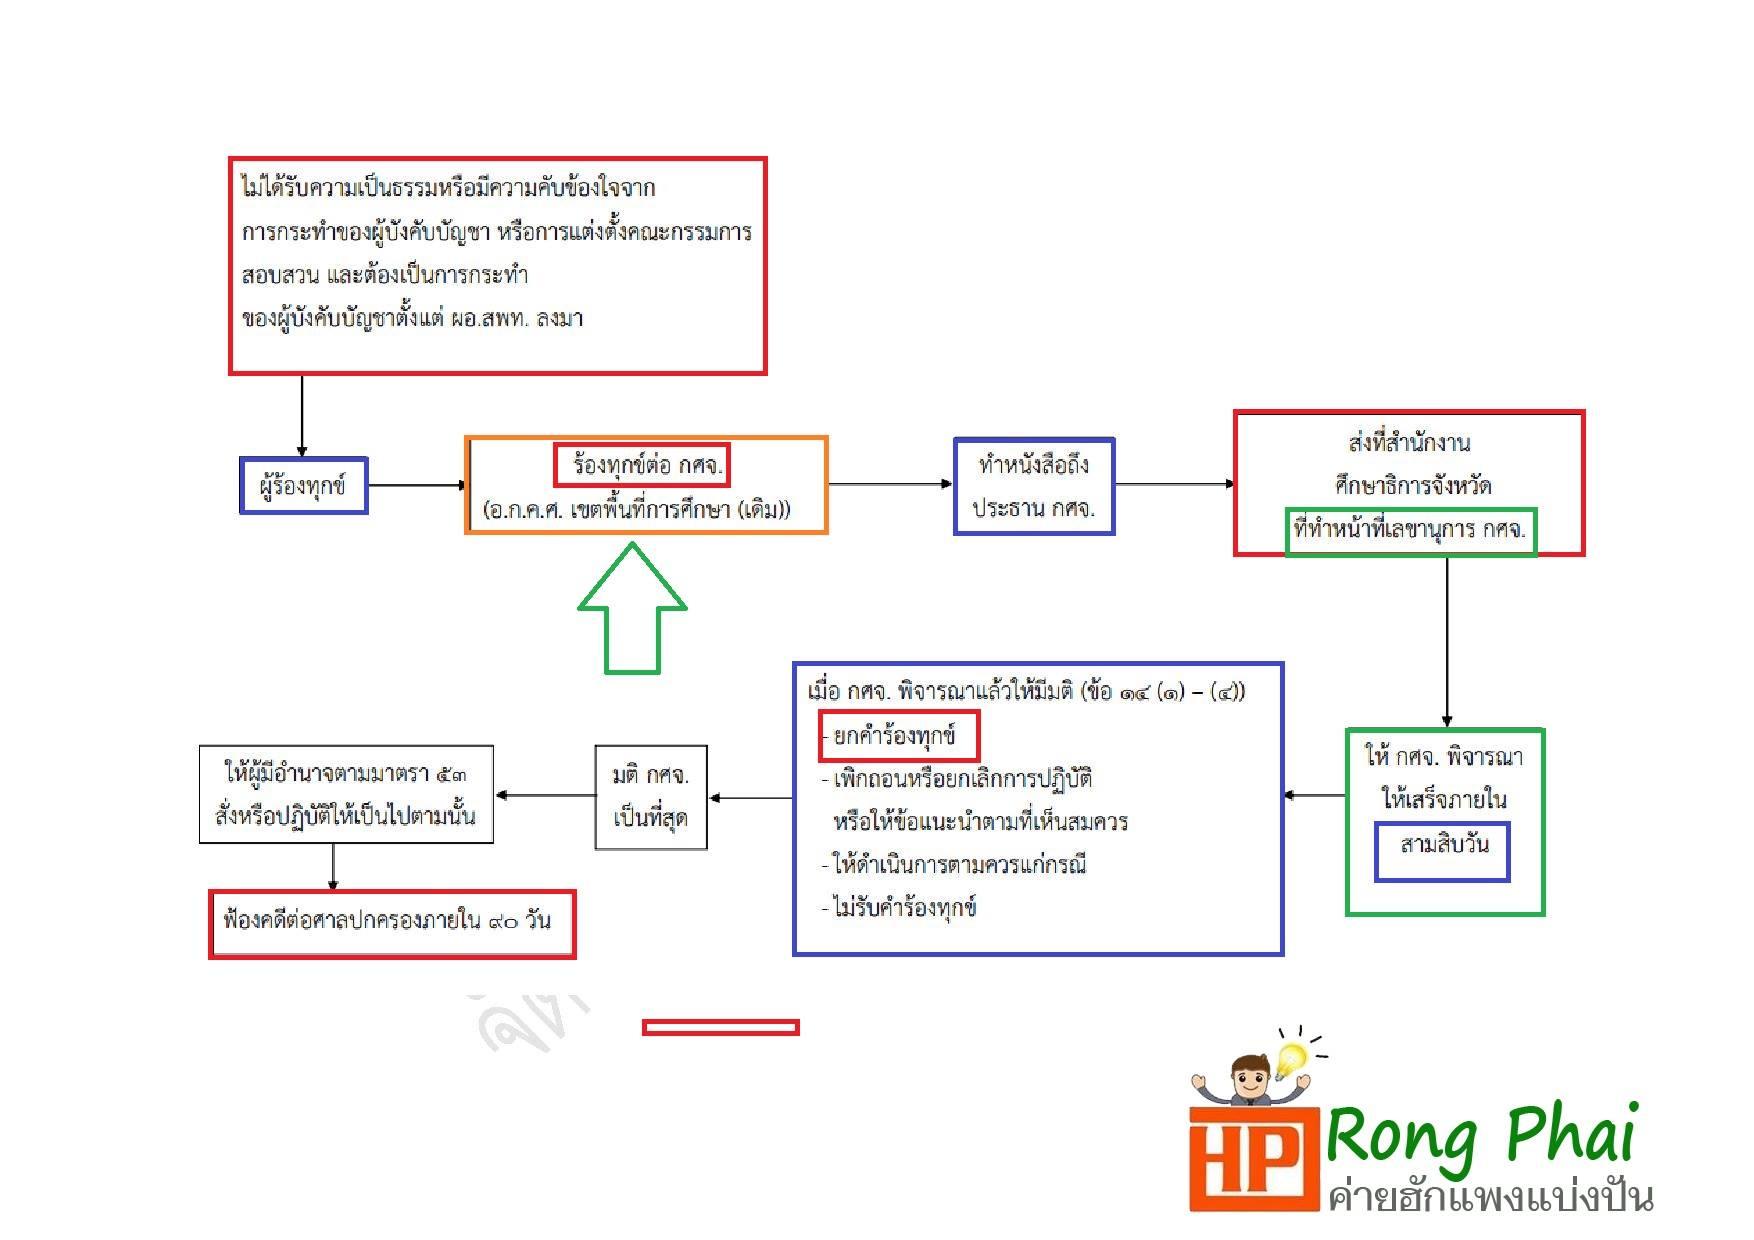 ขอบคุณที่มาข้อมูล  เพจ Rong phai